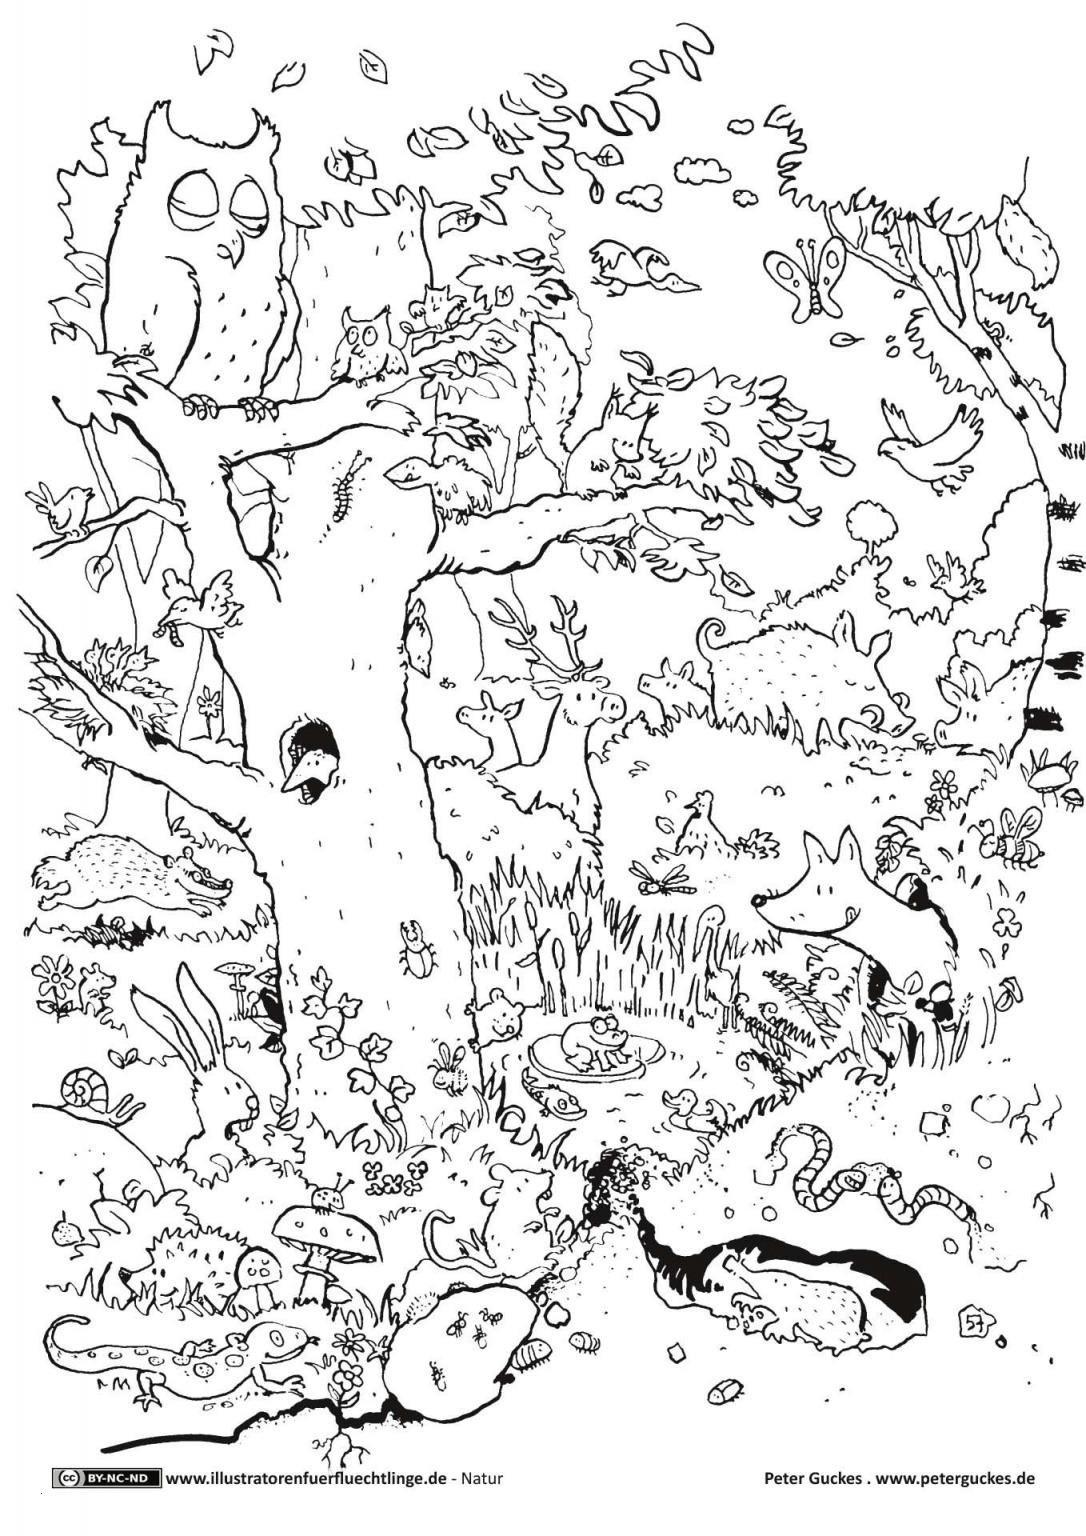 Ausmalbilder Weihnachten Mandala Genial 45 Einzigartig Weihnachten Mandala Ausmalbilder Beste Malvorlage Galerie